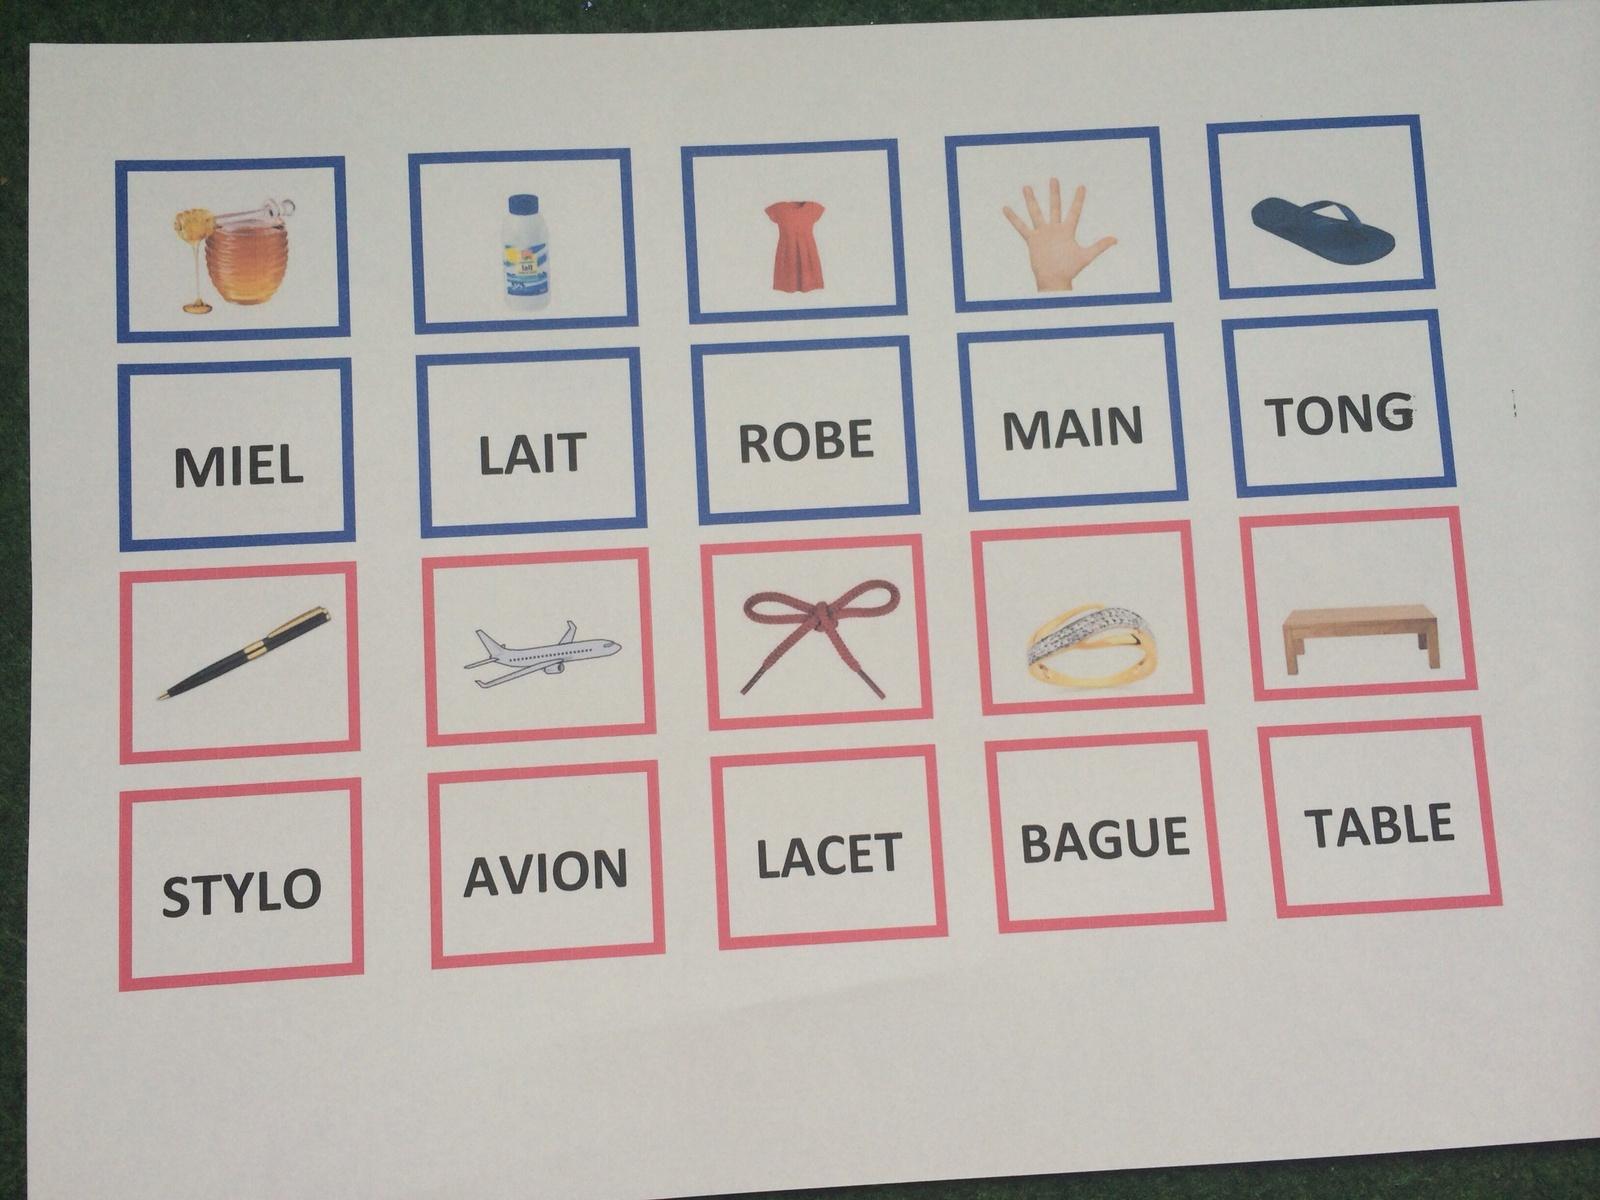 Apprendre L'alphabet, Lire Et Écrire - Apprends Moi Ummi avec J Apprend L Alphabet Maternelle